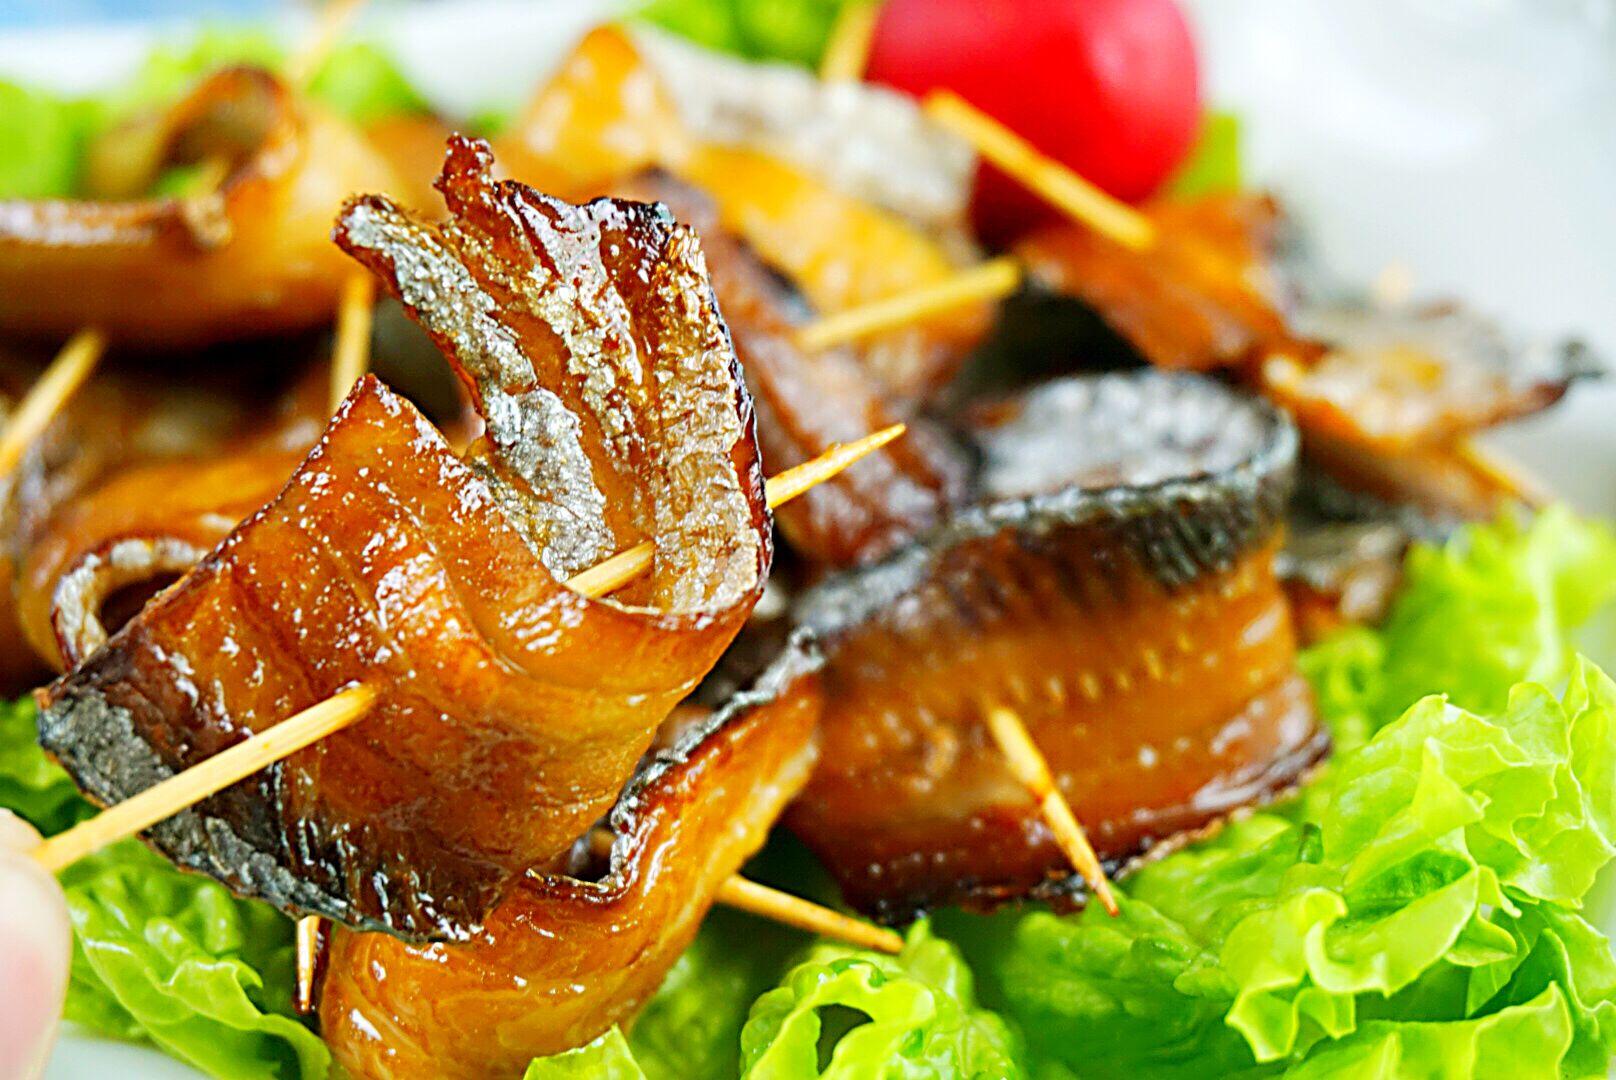 带鱼不油炸,还用牙签扎,这竟是超好吃的下酒菜 - 格格 - 格格的博客